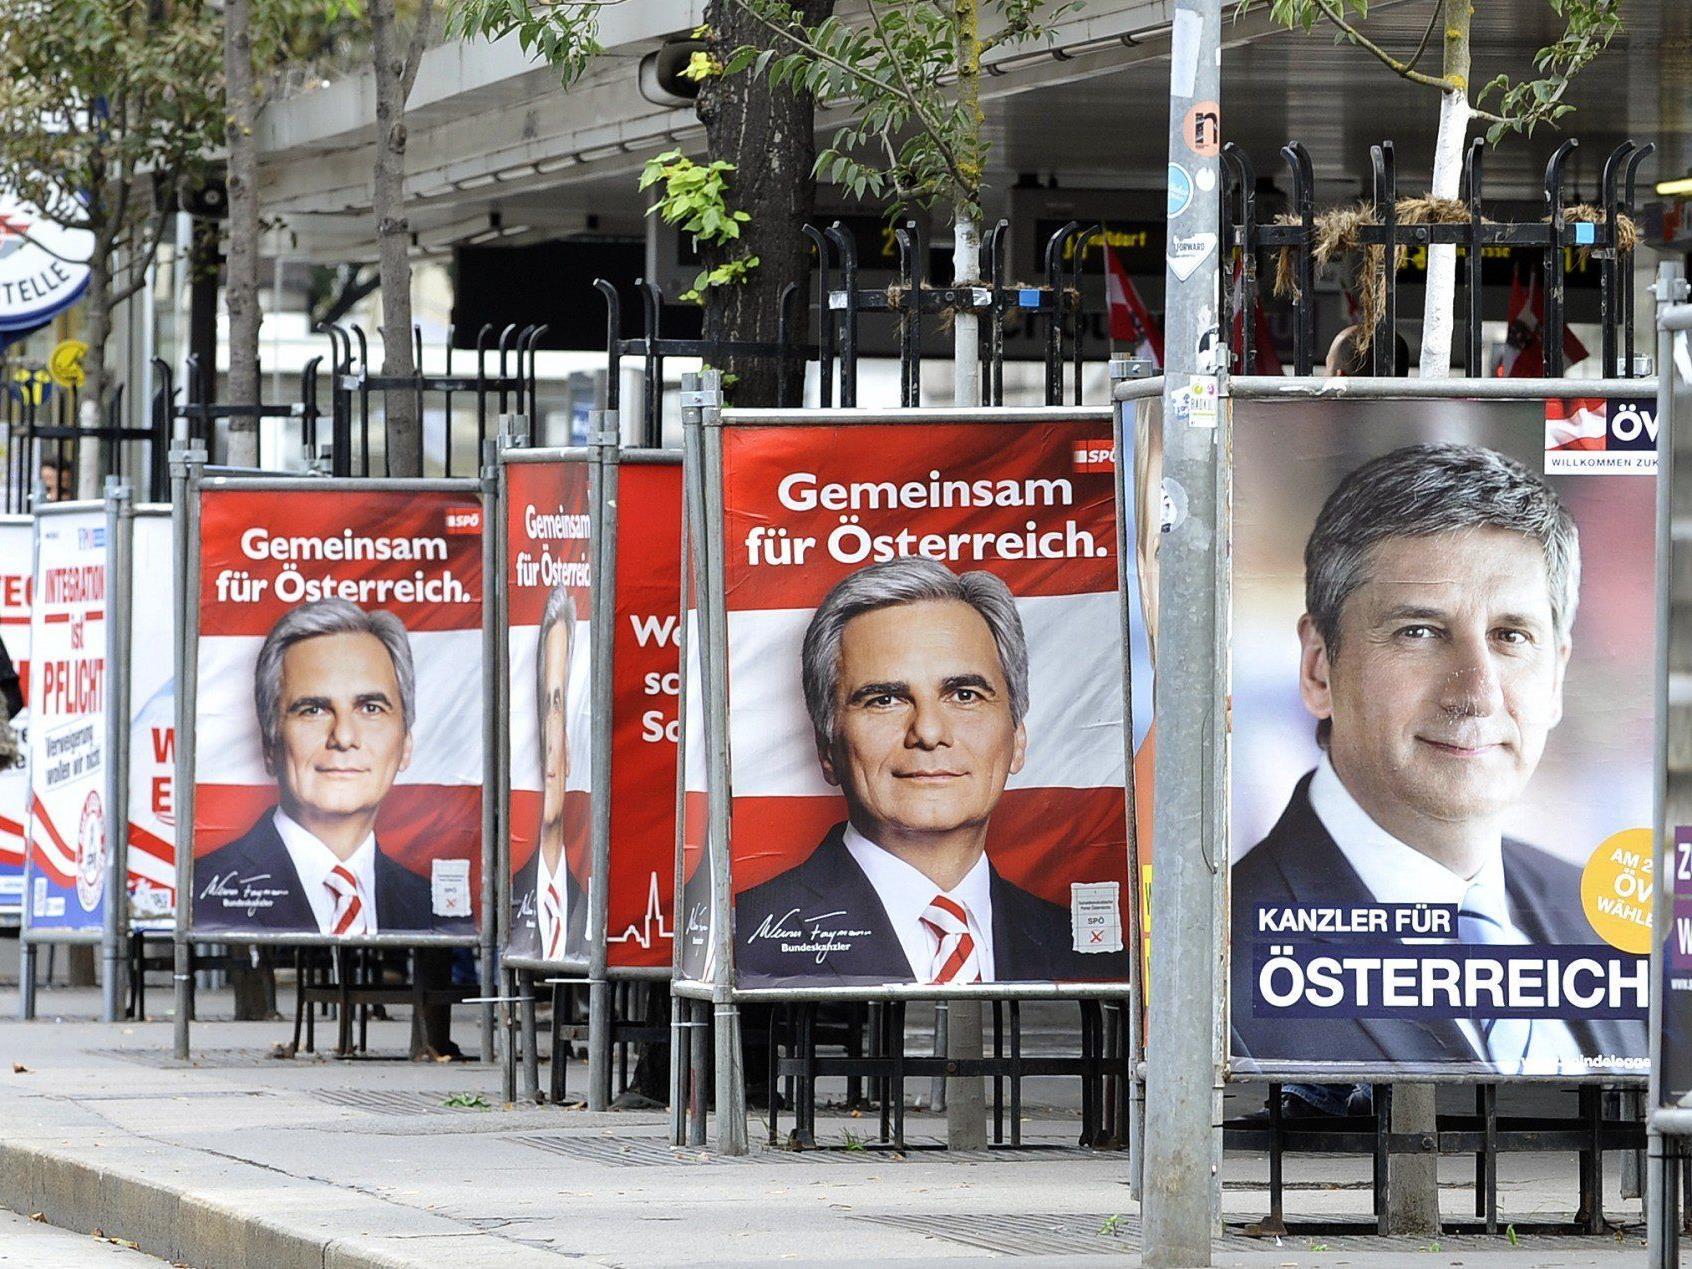 Wir berichten am Sonntag ab 12 Uhr in unserem Live-Ticker von der Nationalratswahl 2013.